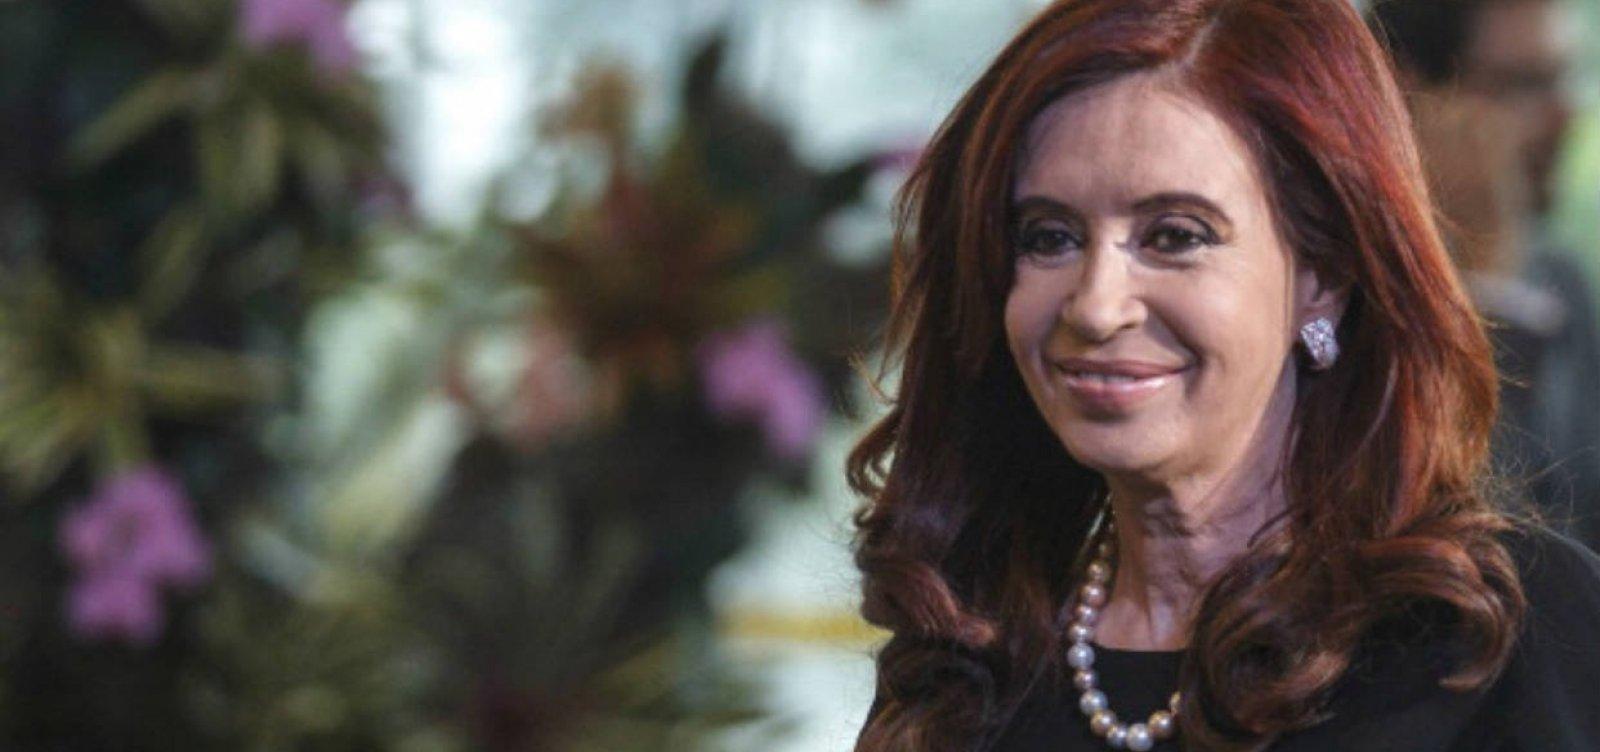 Juiz argentino determina julgamento de Cristina Kirchner e filhos por lavagem de dinheiro